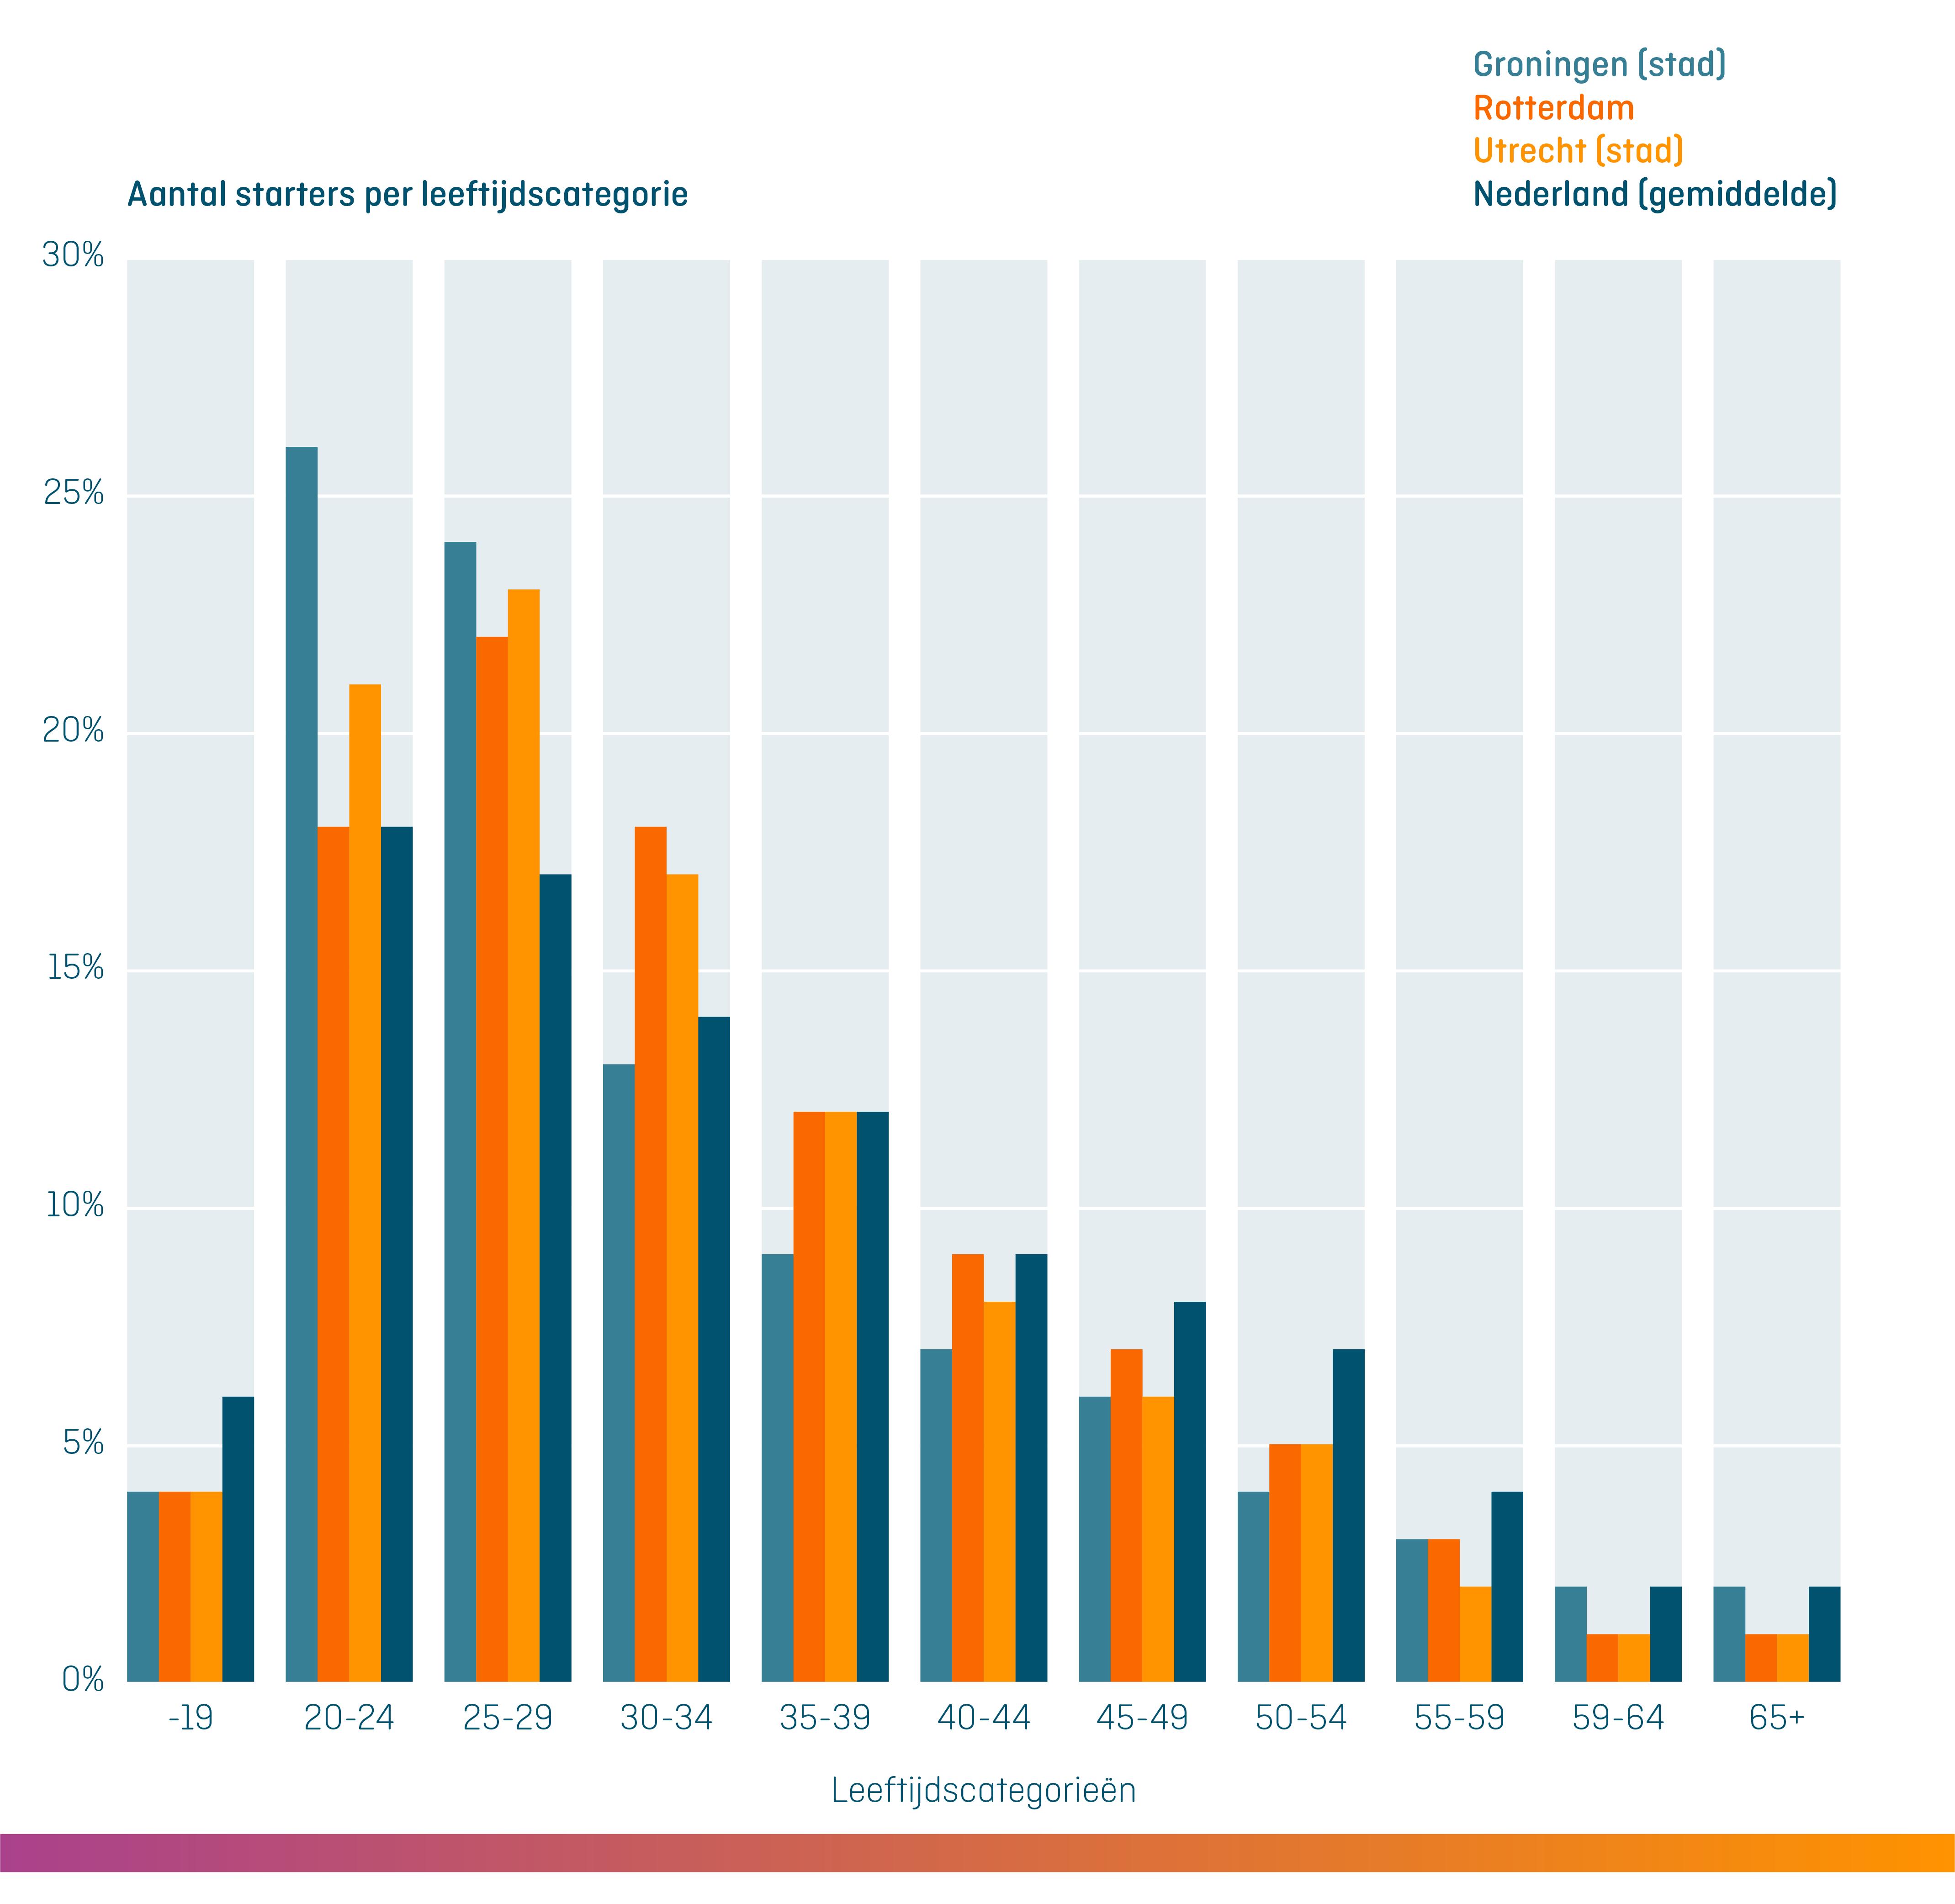 kvk_graphic_aantal_starters_per_leeftijdscategorie-in_Groningenstad_Rotterdam_Utrechtstad_Nederland_gemiddeld